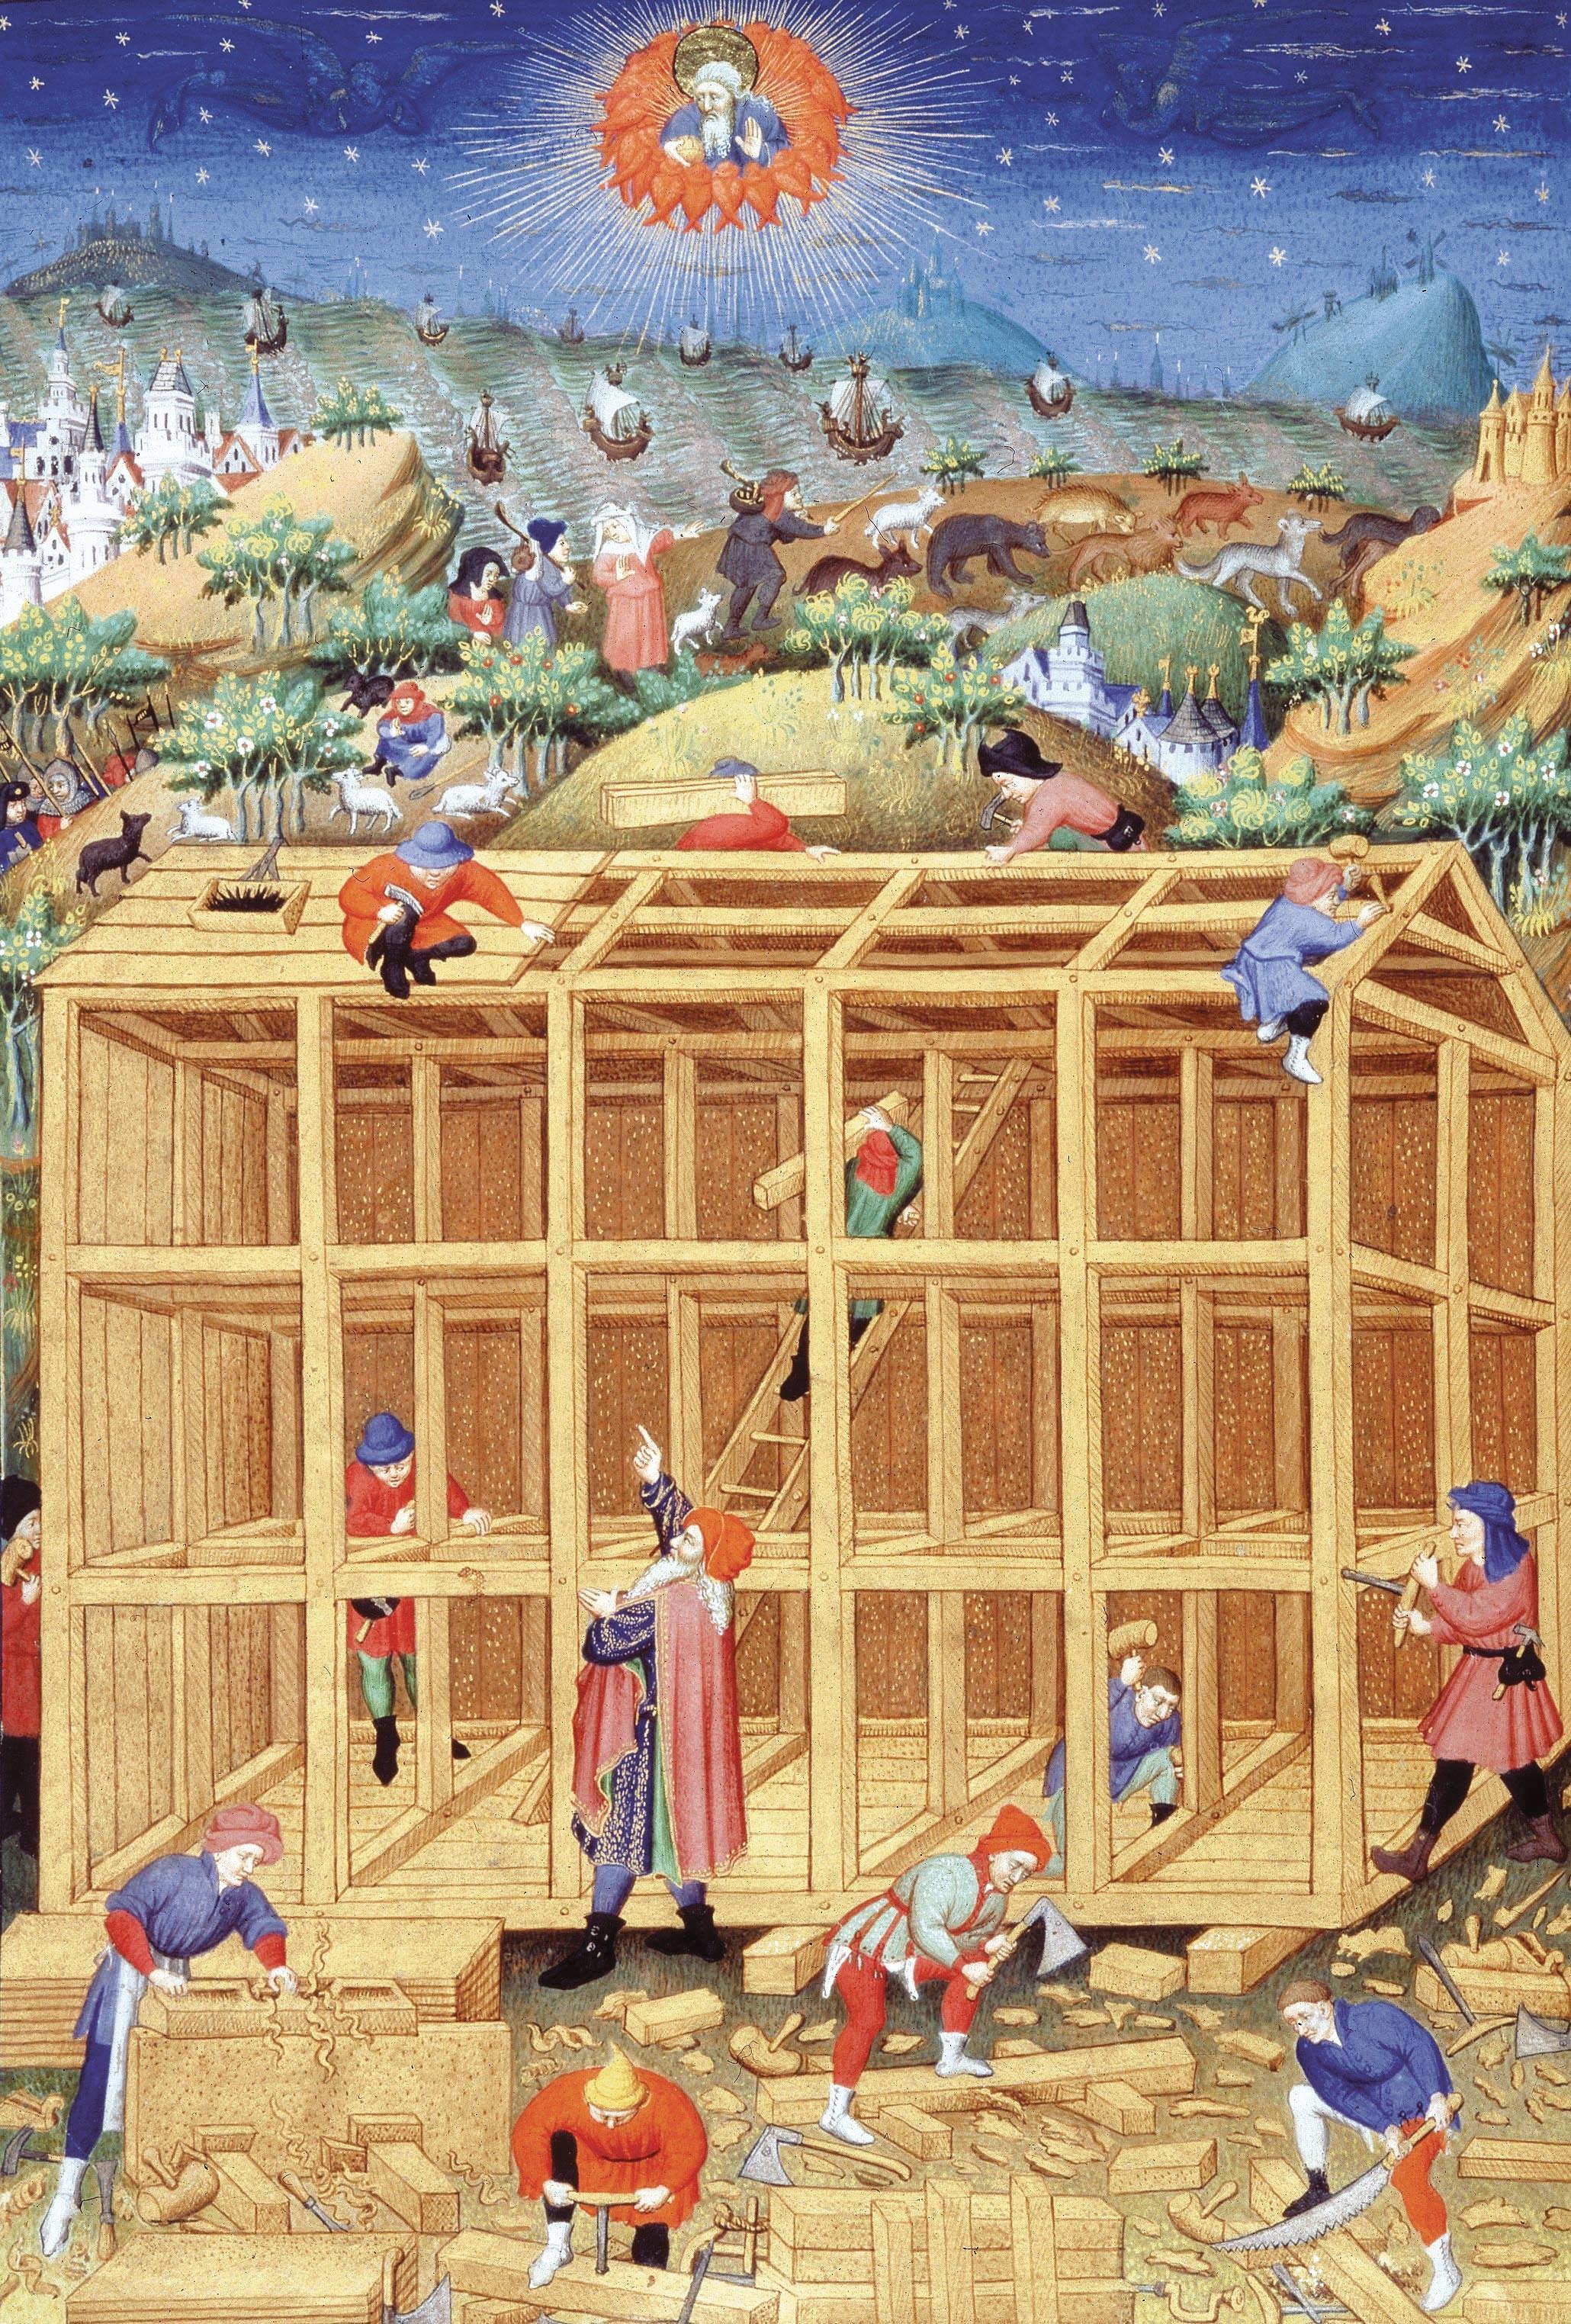 La construction de l'Arche de Noé